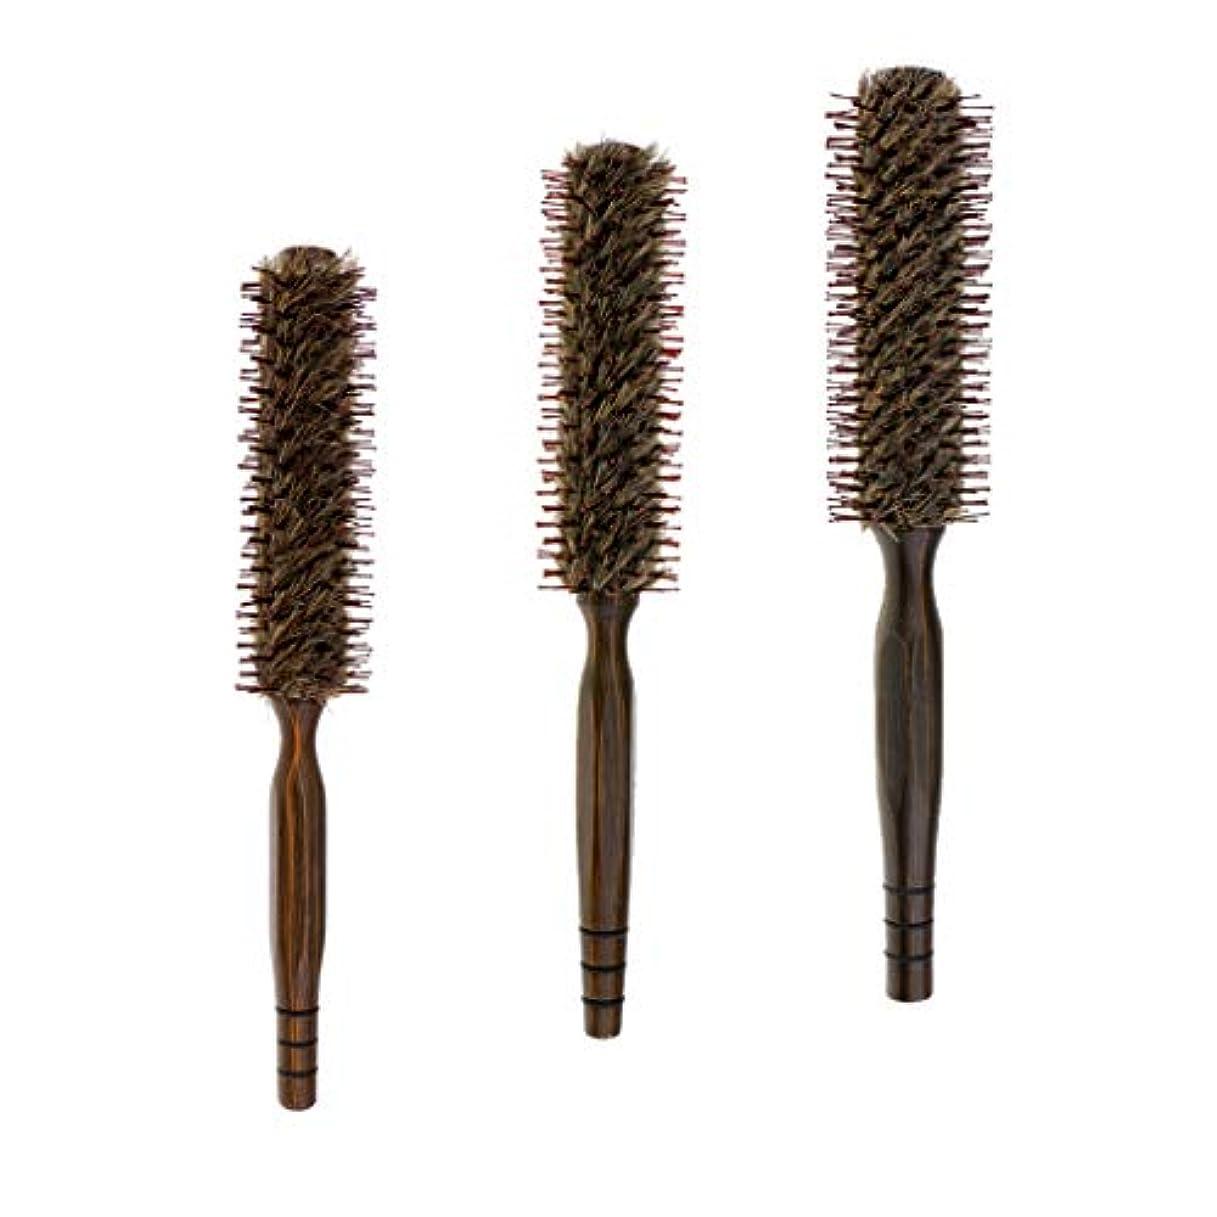 同性愛者志す延ばすToygogo 3パック小さい丸い木製理髪の毛の巻き毛の櫛のブラシ18/20 / 22mm